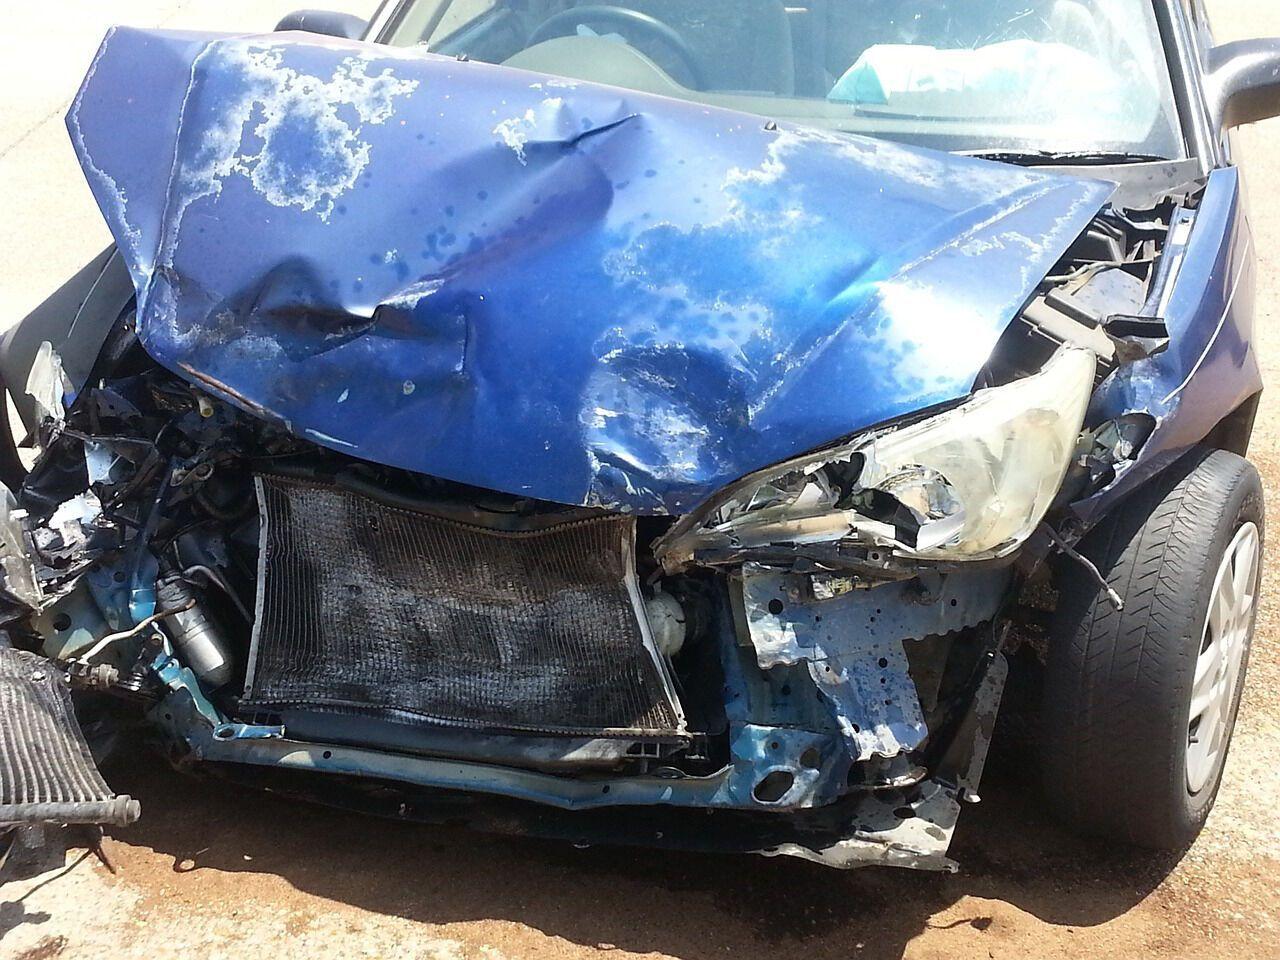 У определенной категории автовладельцев могут возникнуть проблемы с техосмотром